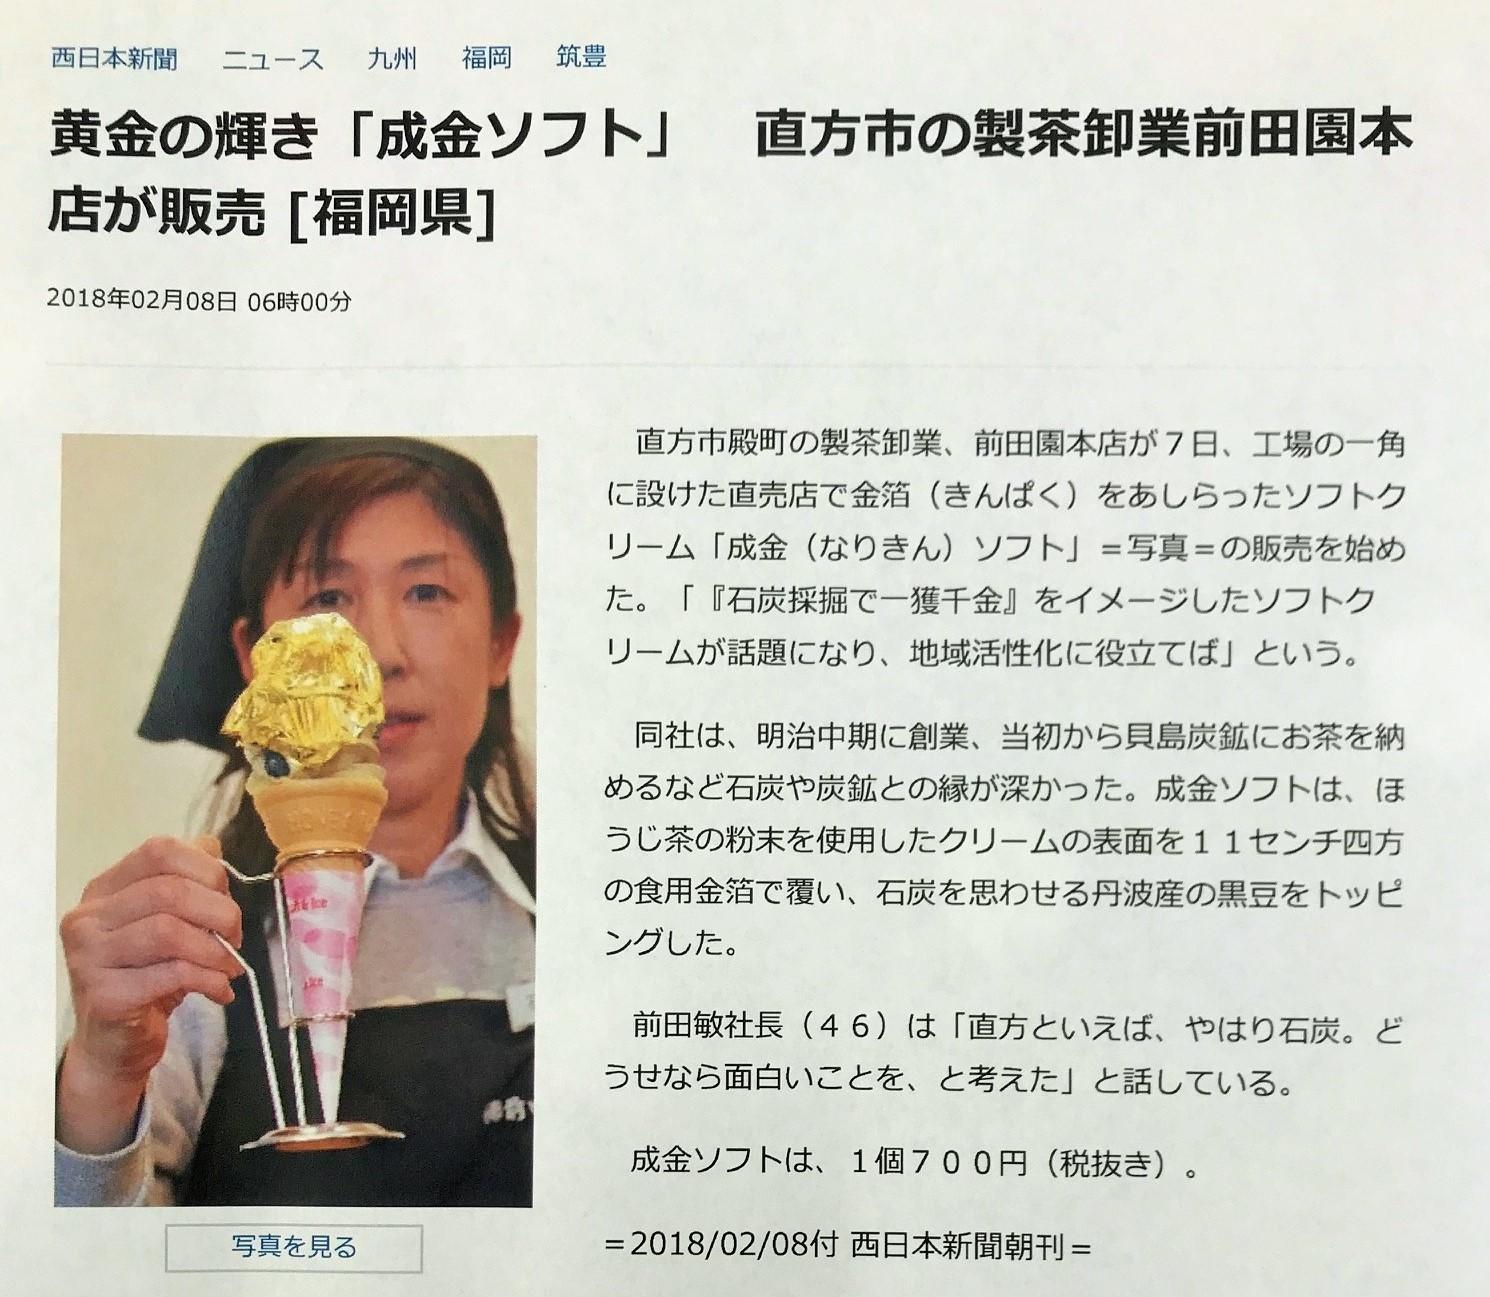 本日の西日本新聞筑豊地区に成金ソフトが登場。_c0335087_15415909.jpg